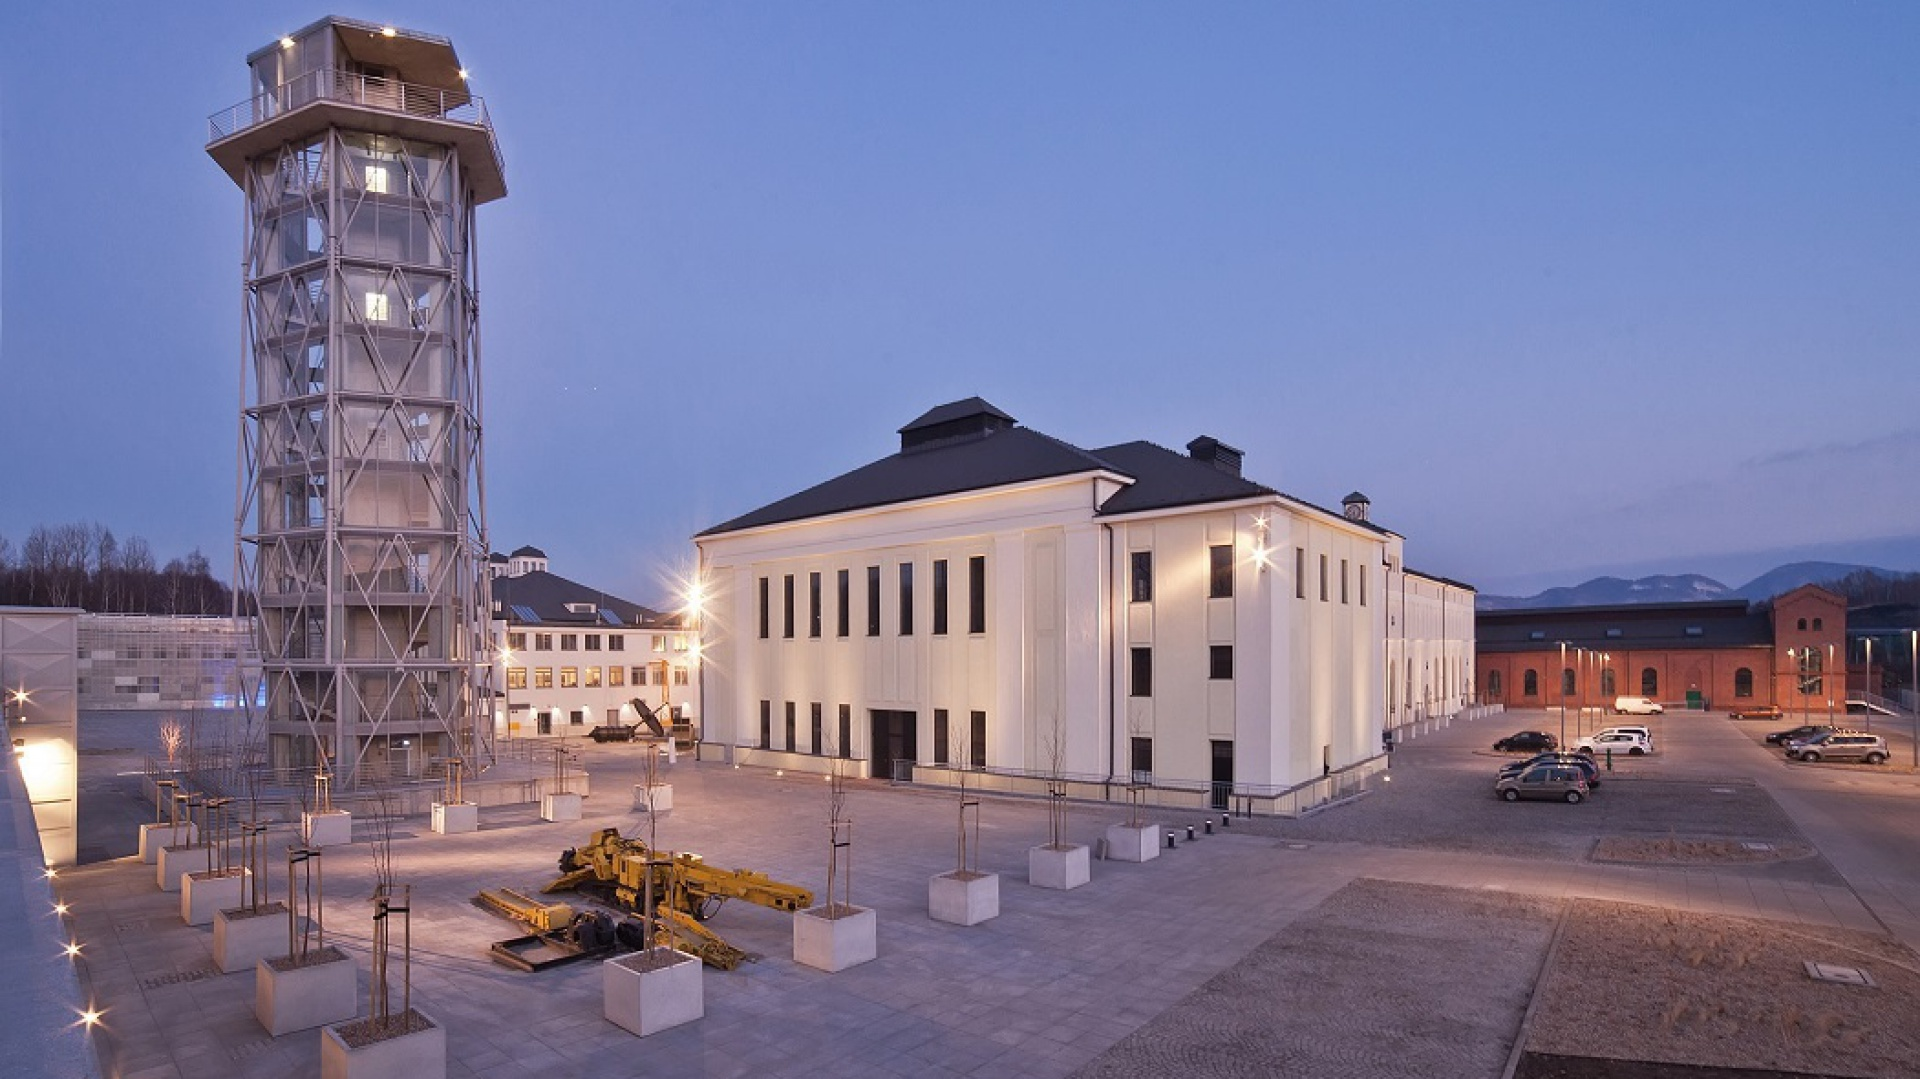 Budynek nr 1 (mieściła się w nim m.in. dawna Łaźnia Łańcuszkowa) przeznaczony został na działalność Wałbrzyskiego Ośrodka Kultury oraz Zespołu Pieśni i Tańca Wałbrzych. Fot. Archiwum